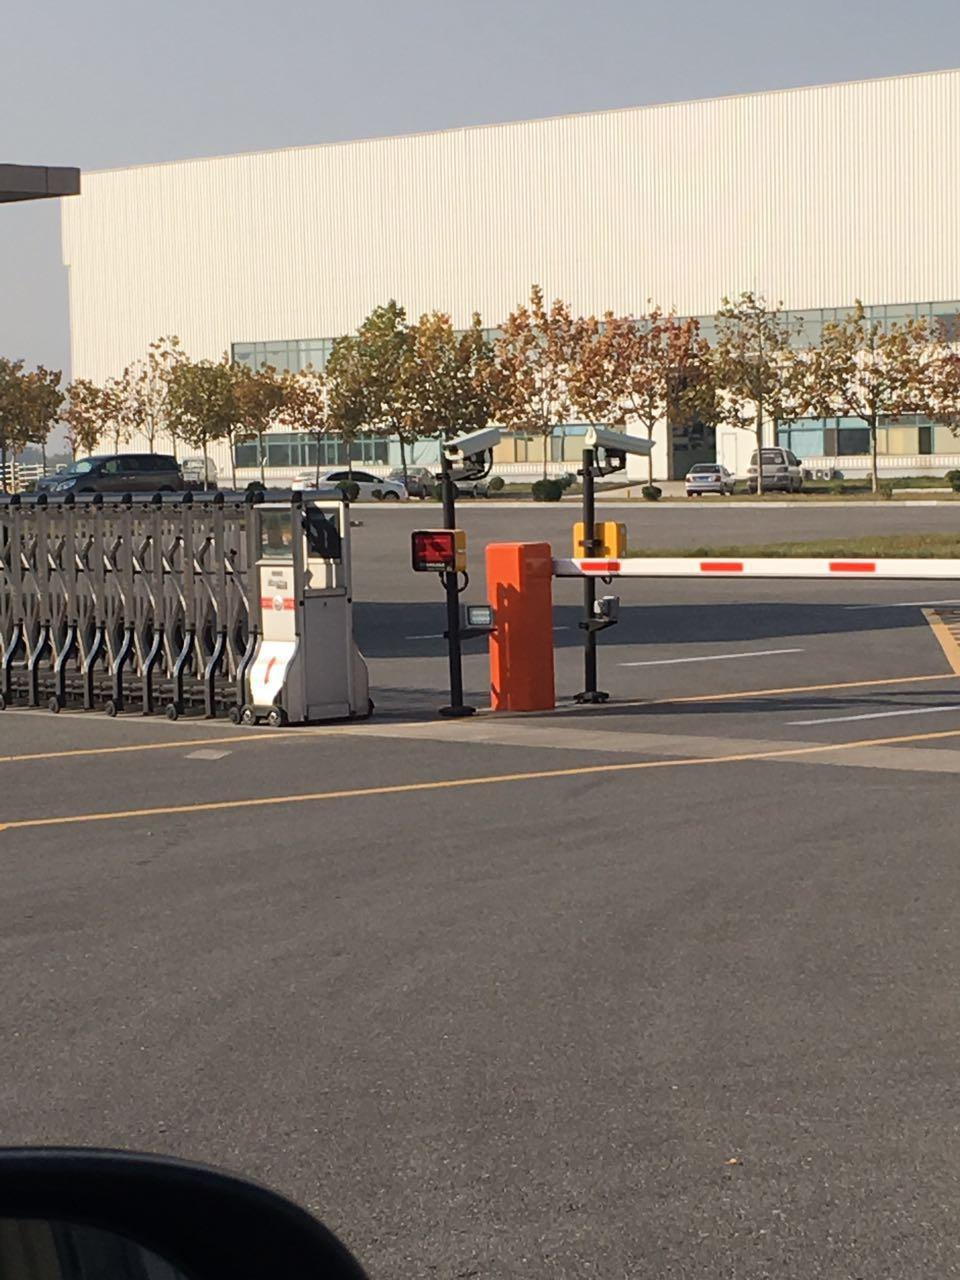 日照车牌识别摄像机厂家专业停车场车牌识别一体机厂家稳定可靠